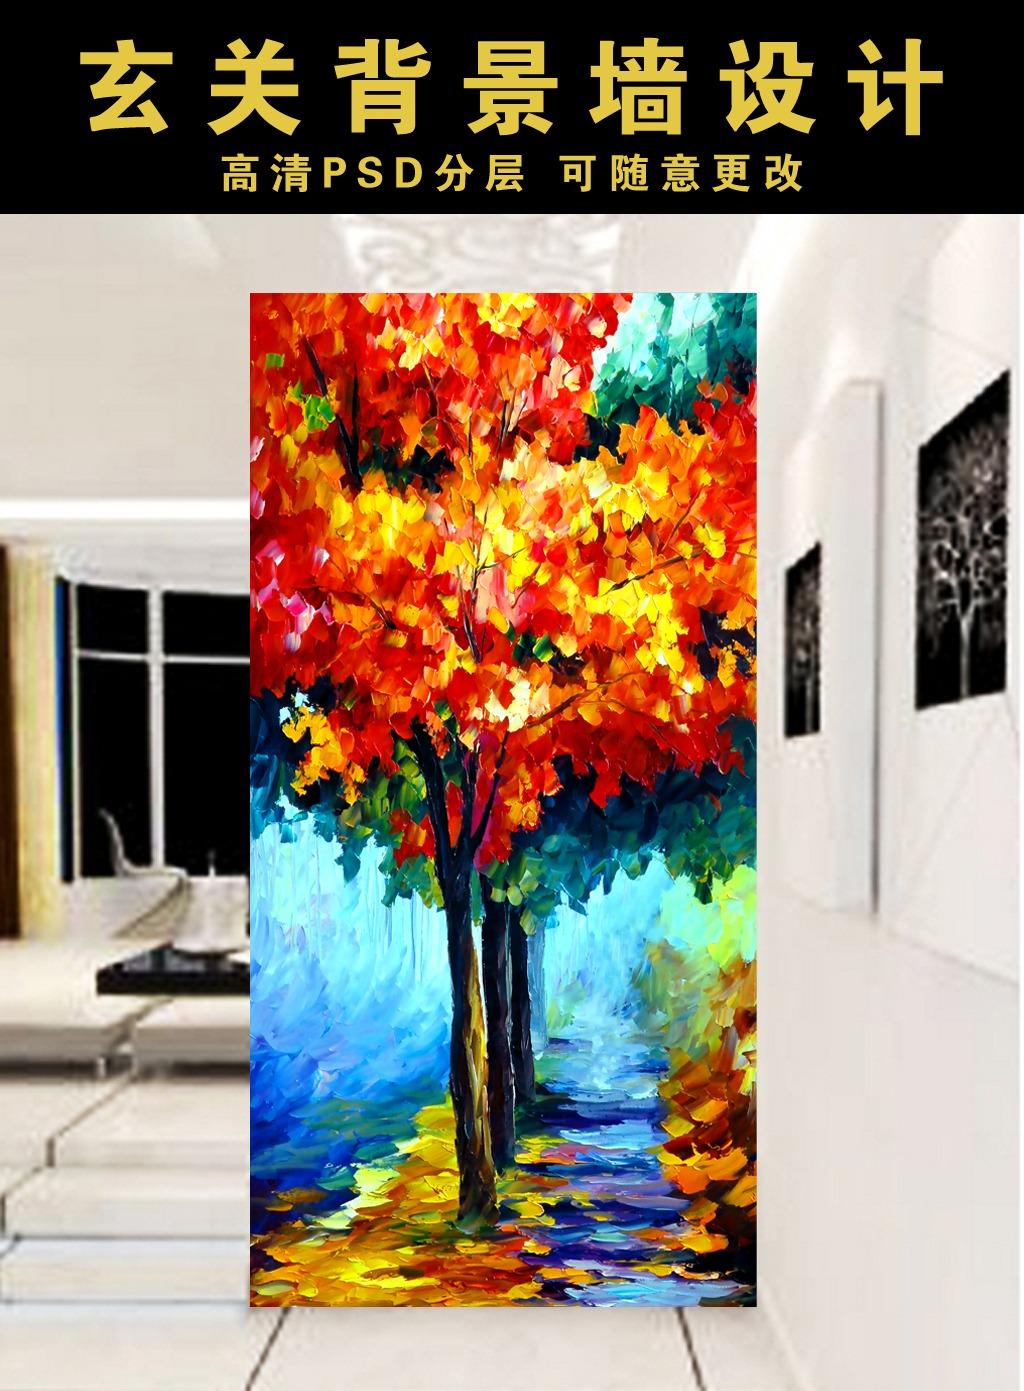 油画风景树玄关图片下载 抽像手绘手绘油画家居装饰画手绘 颜料 立体